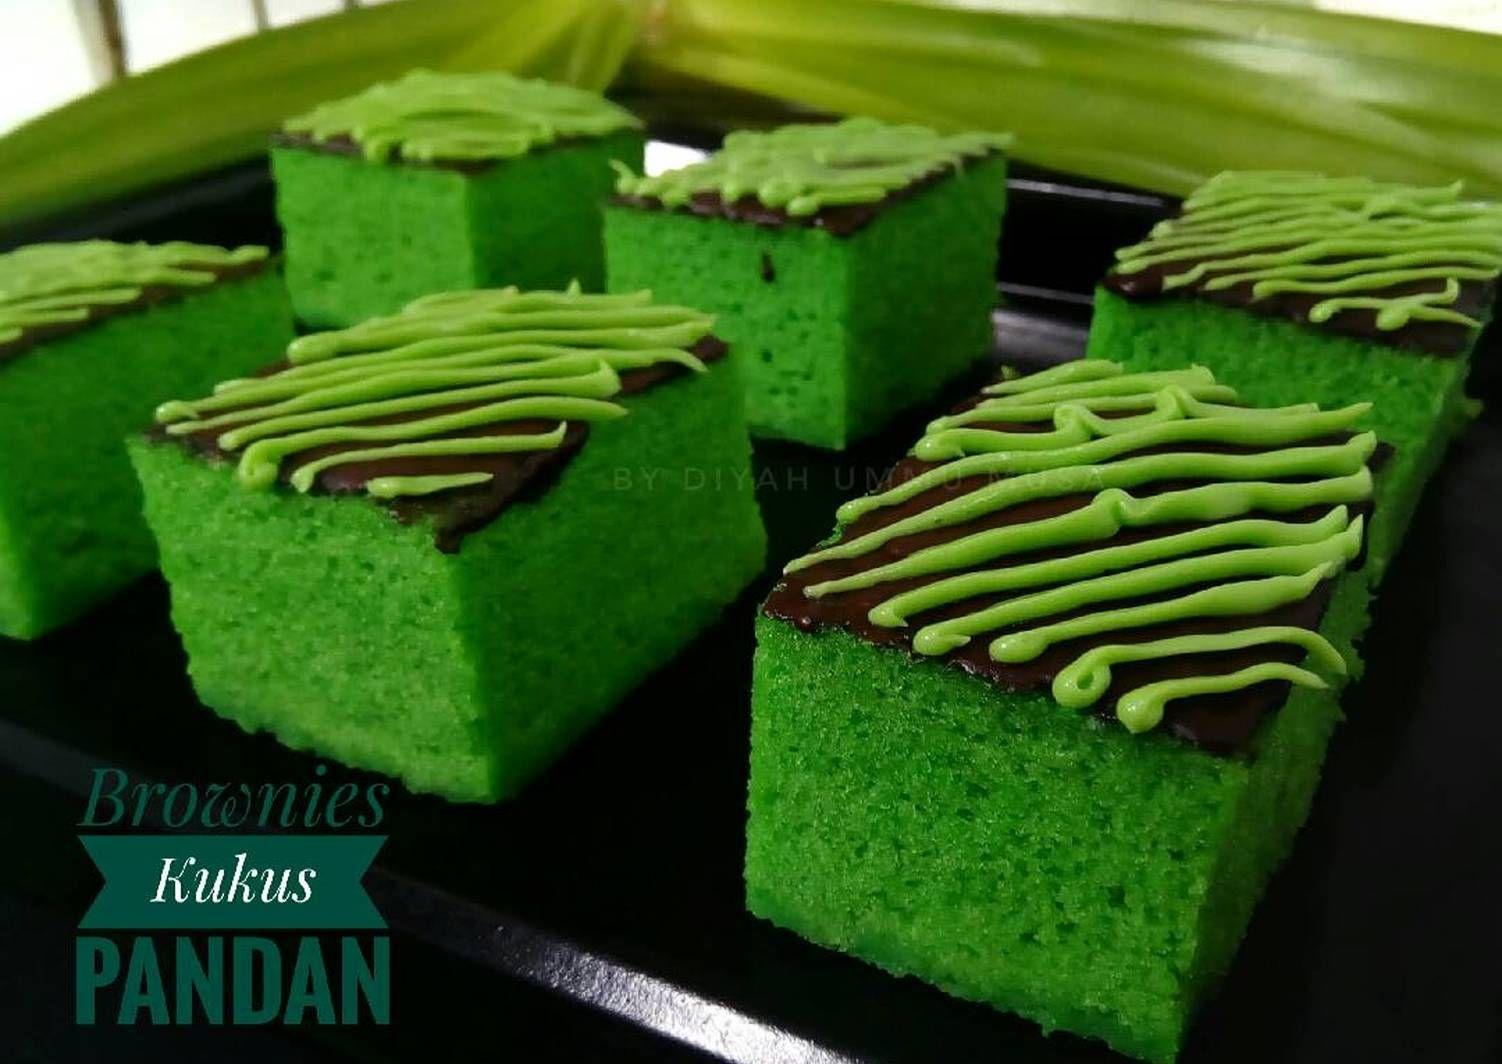 Resep Brownies Kukus Pandan Ny Liem Oleh Diyah Kuntari Resep Resep Makanan Kue Lezat